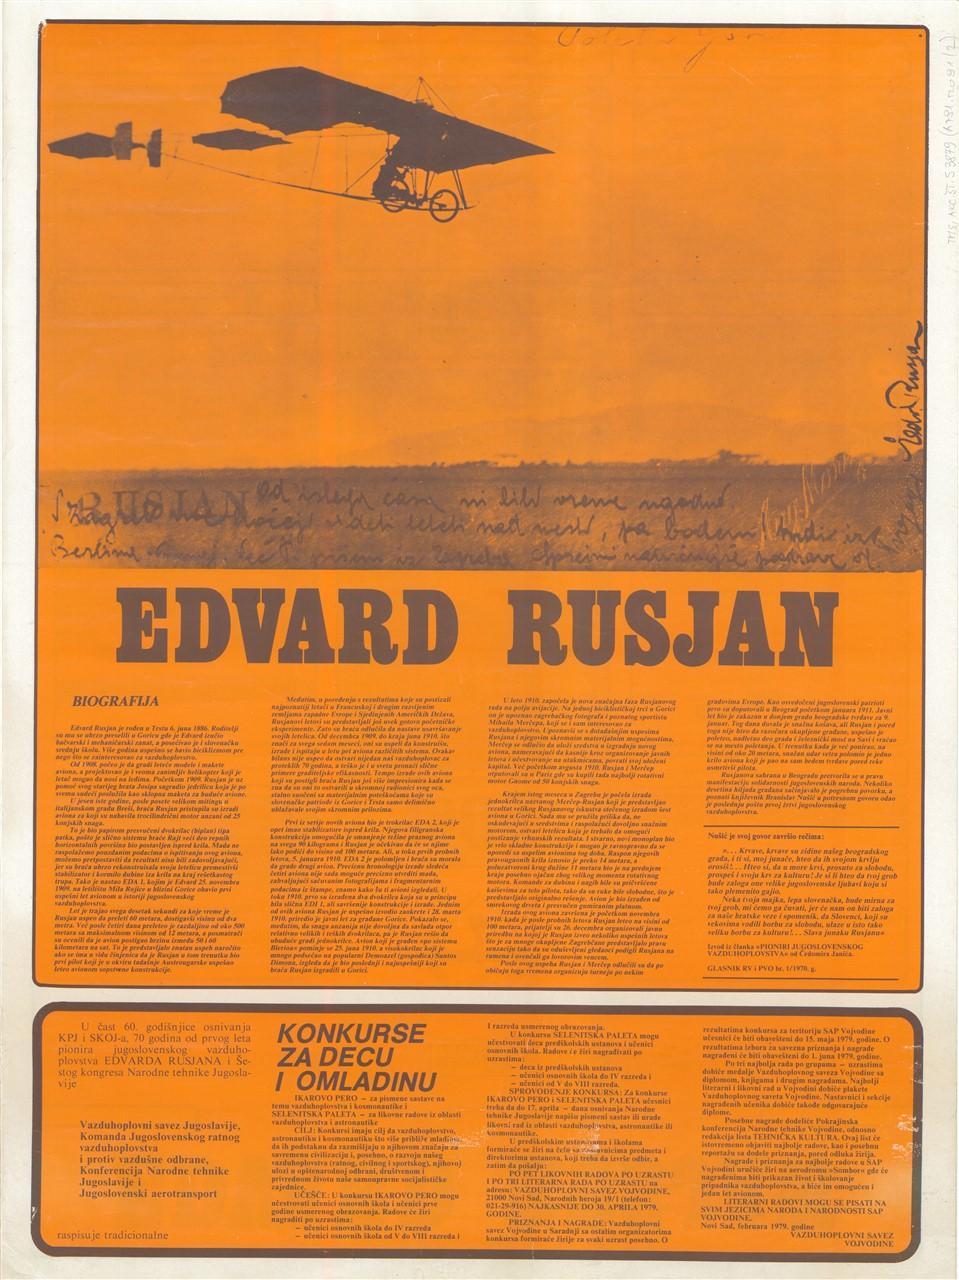 """Plakat""""Edvard Rusjan""""2, 1979"""